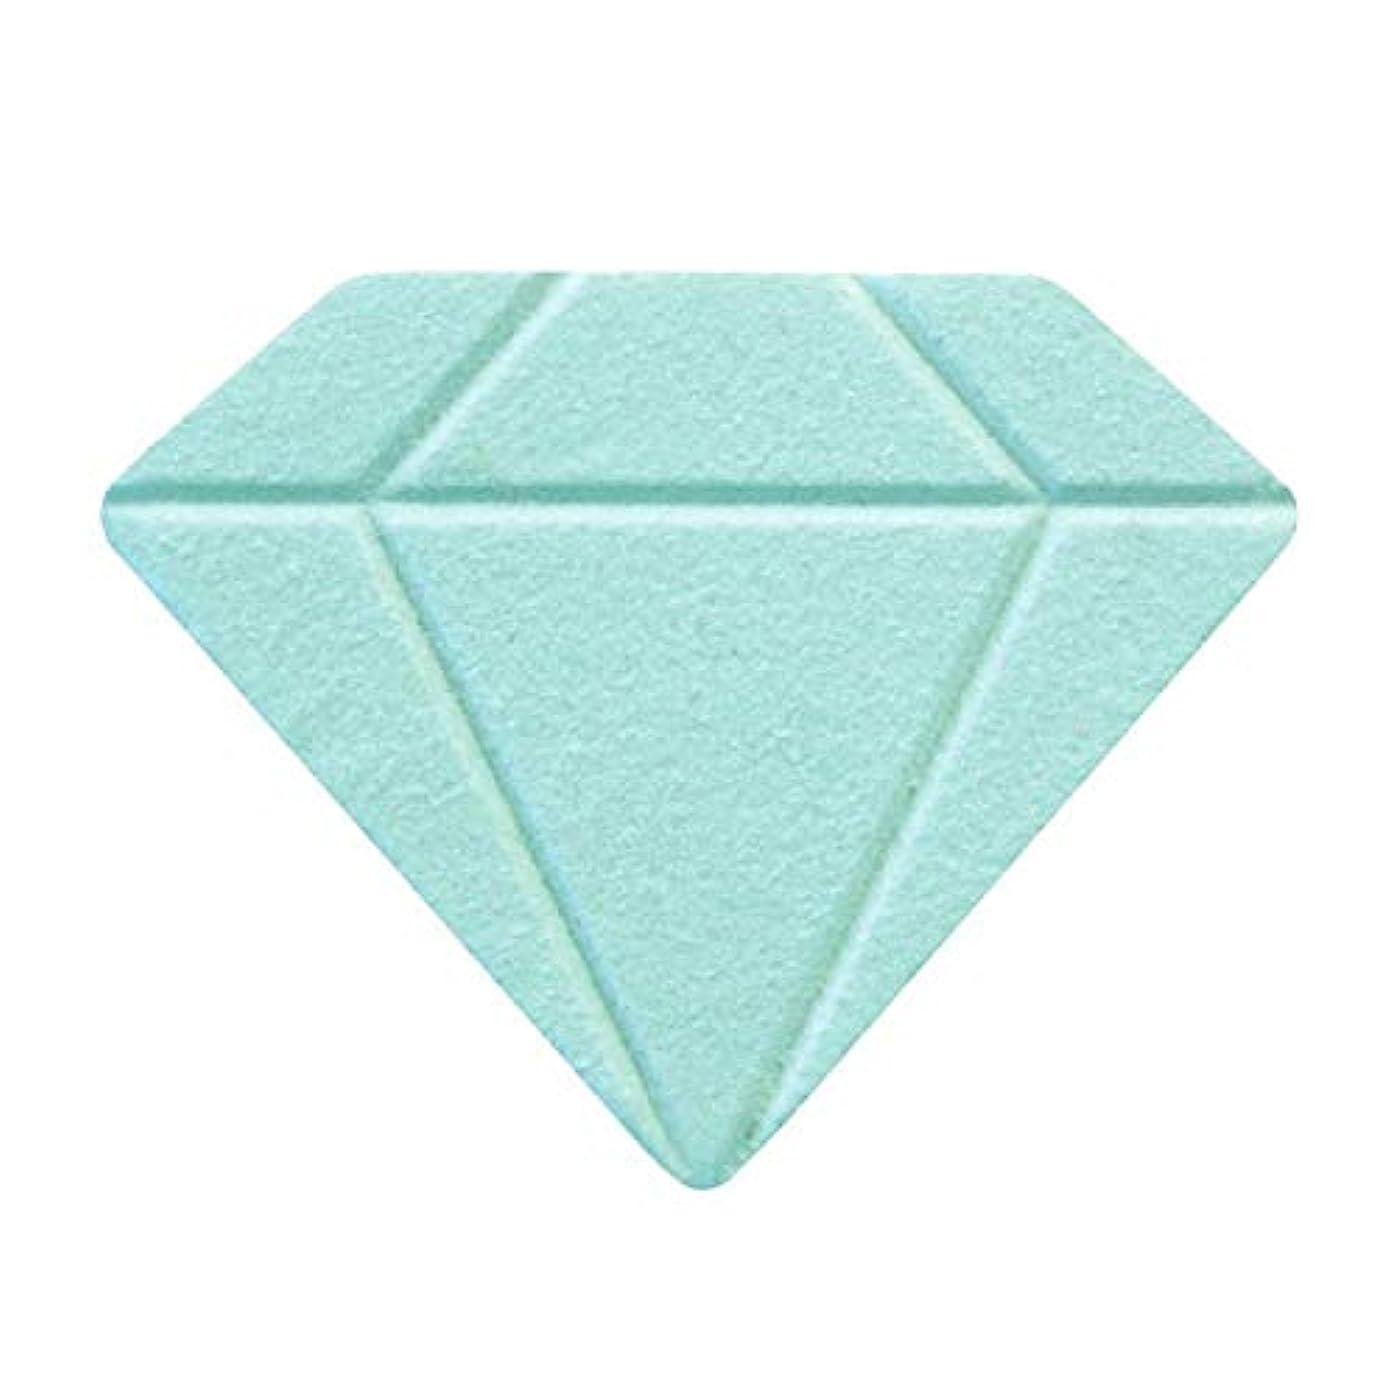 がっかりする付ける支配的【ダイヤモンド】バスフィズ(ジャスミンハニー) 287964